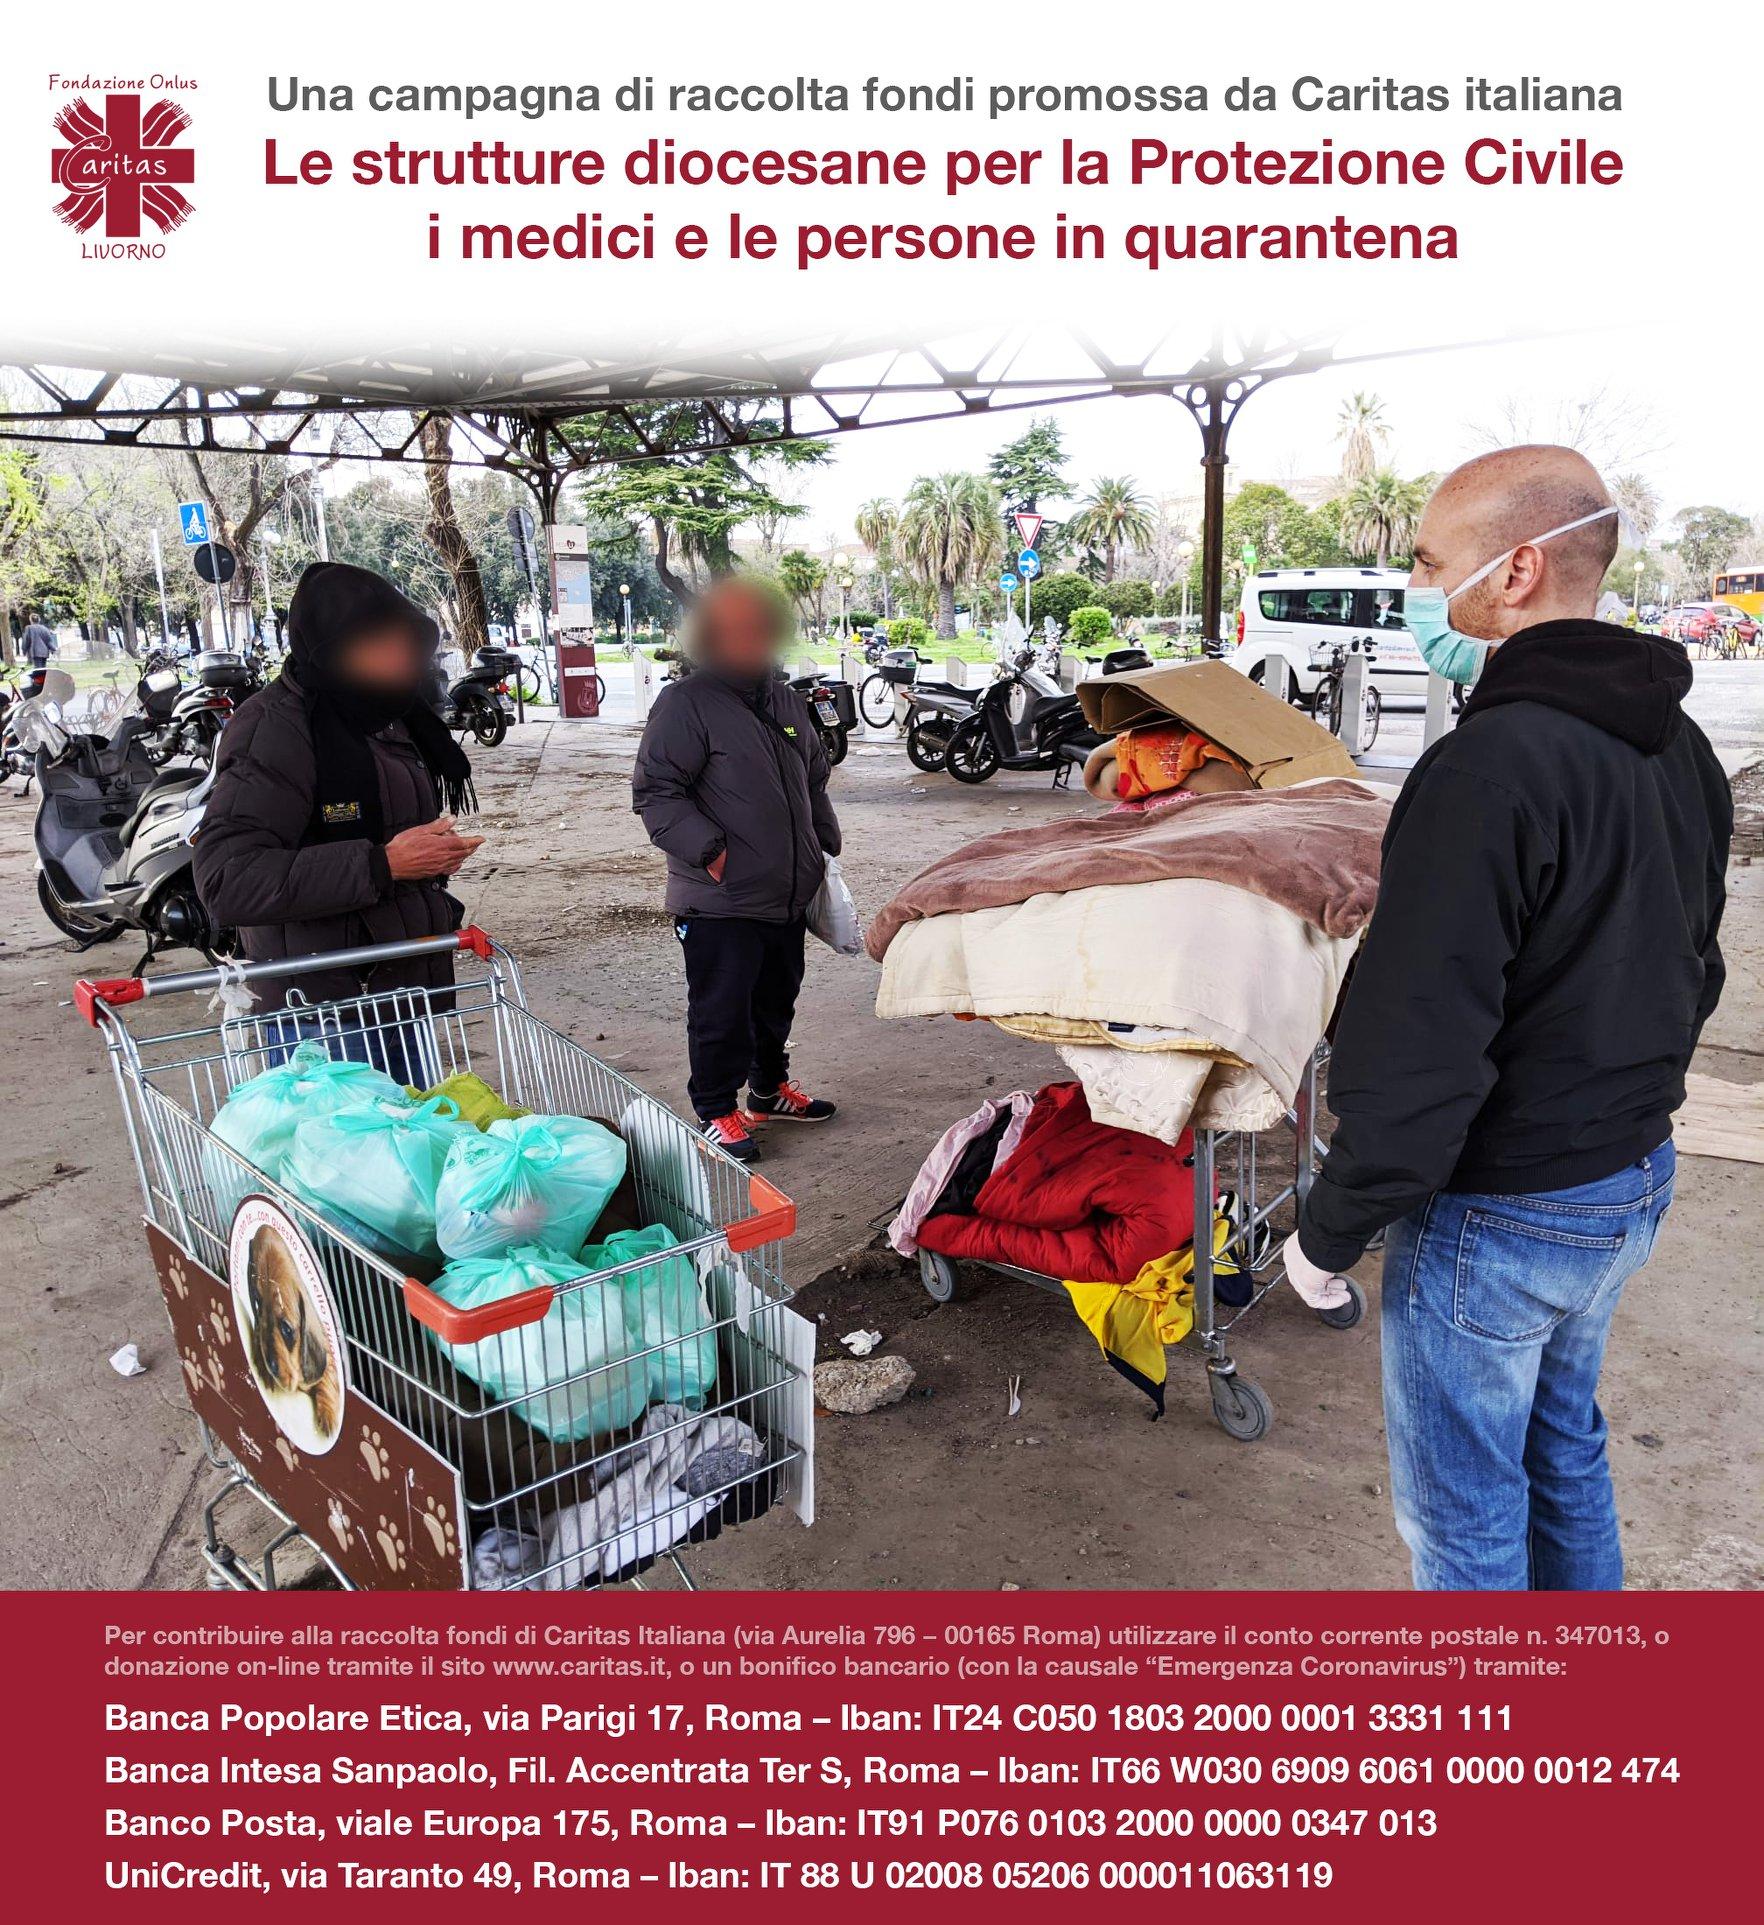 Le strutture Diocesane per la Protezione Civile, i medici e le persone in quarantena